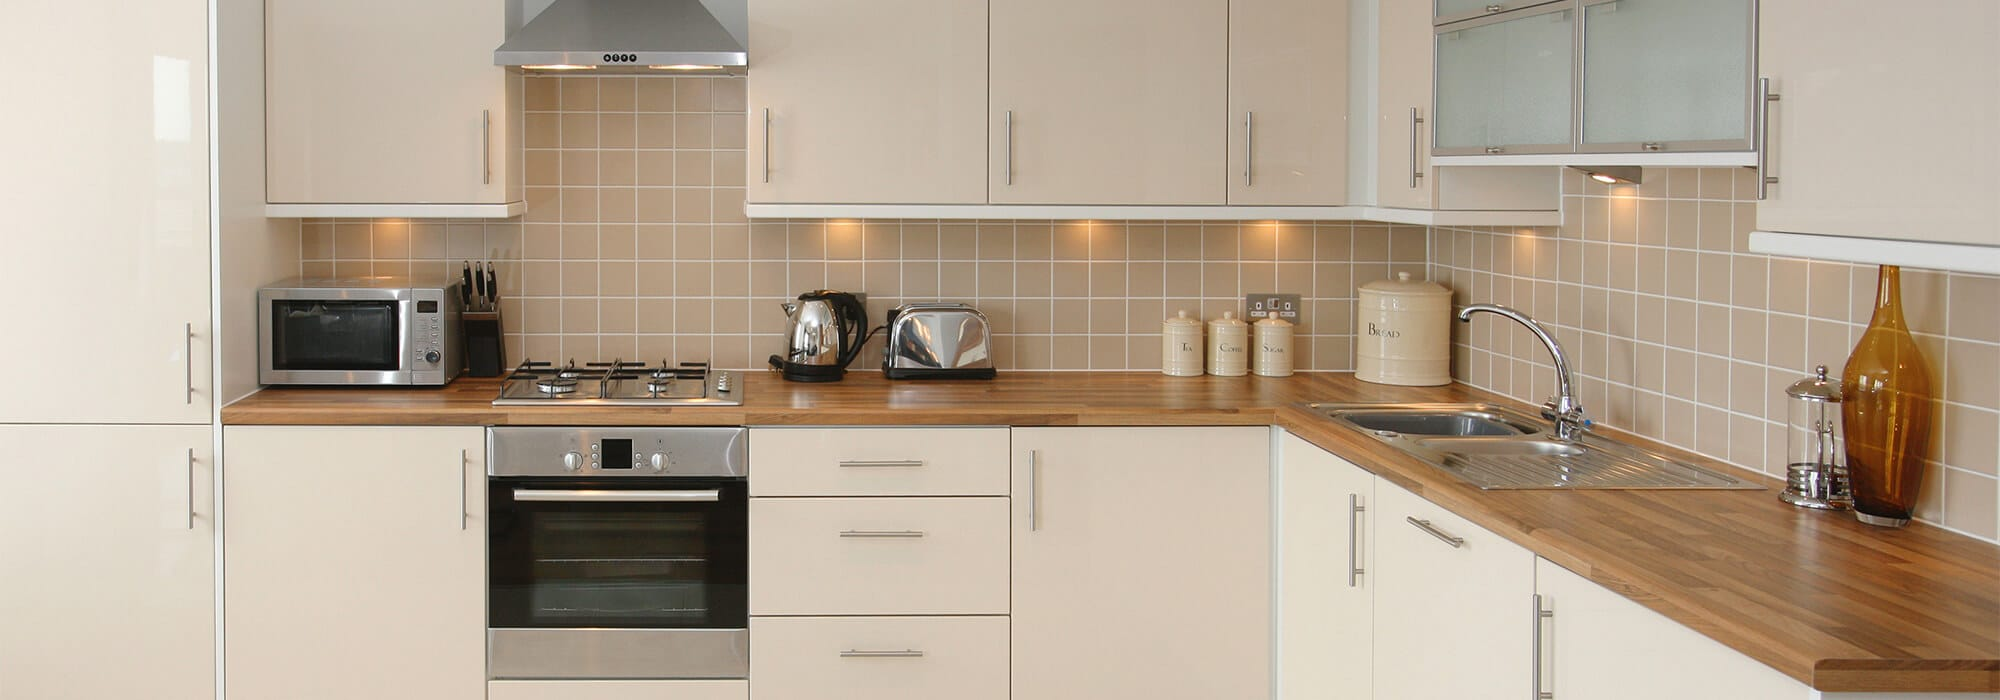 Pour les finitions des cuisines, découvrez nos solutions de profilés, listels et croisillons de carrelage